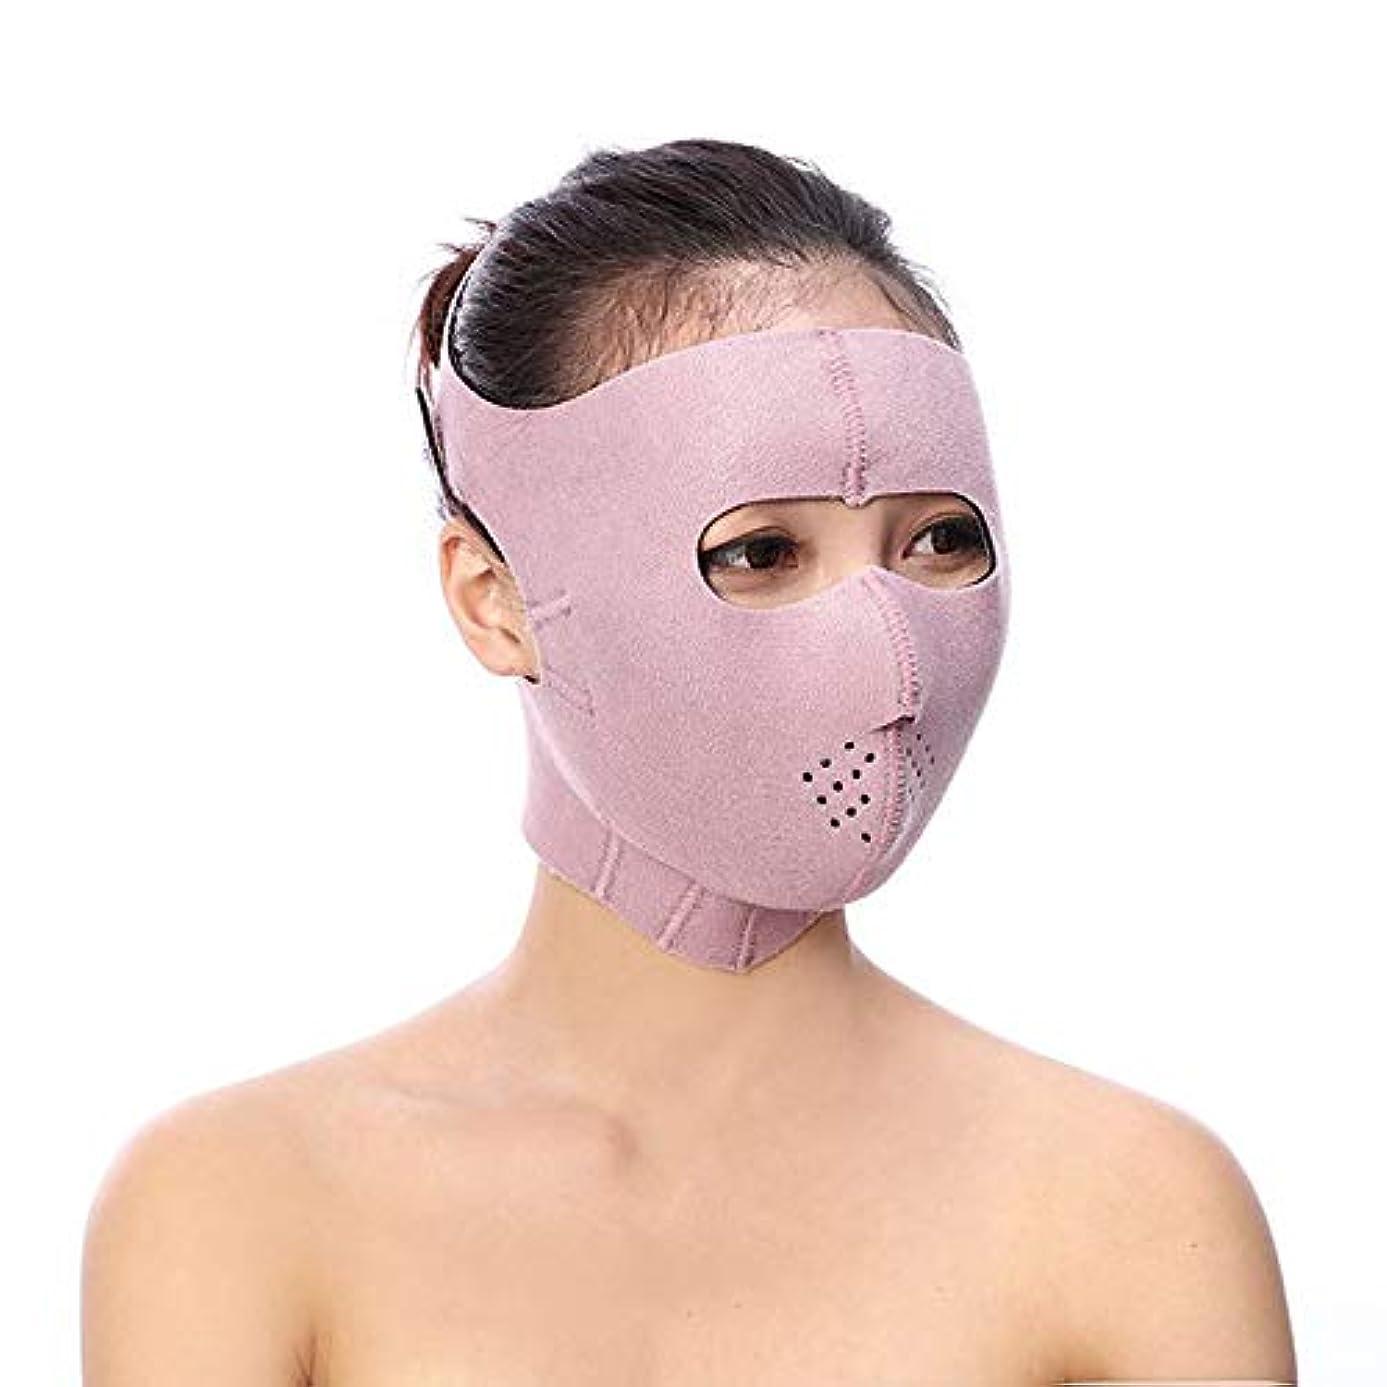 事業内容体操ガスフェイシャルリフティング痩身ベルト - Vフェイス包帯マスクフェイシャルマッサージャー無料の薄いフェイス包帯整形マスクを引き締める顔と首の顔スリム